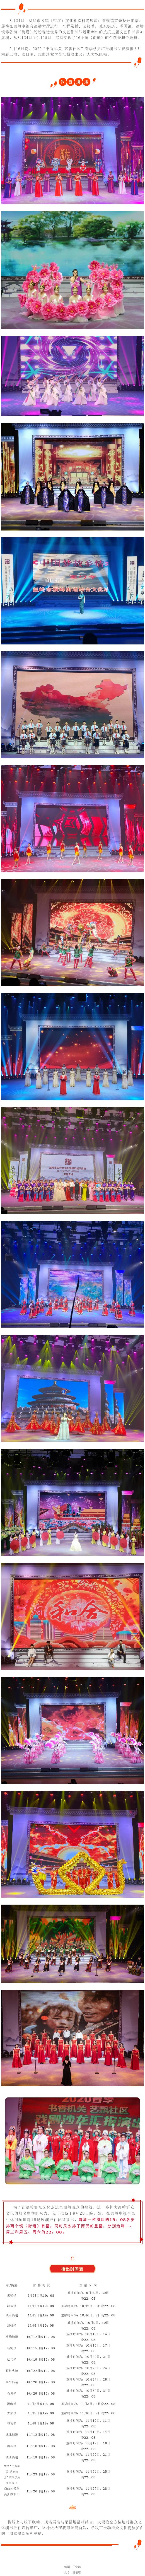 【节目收看】庆中秋,迎国庆,看节目!为大家送上一份文艺大餐~.png